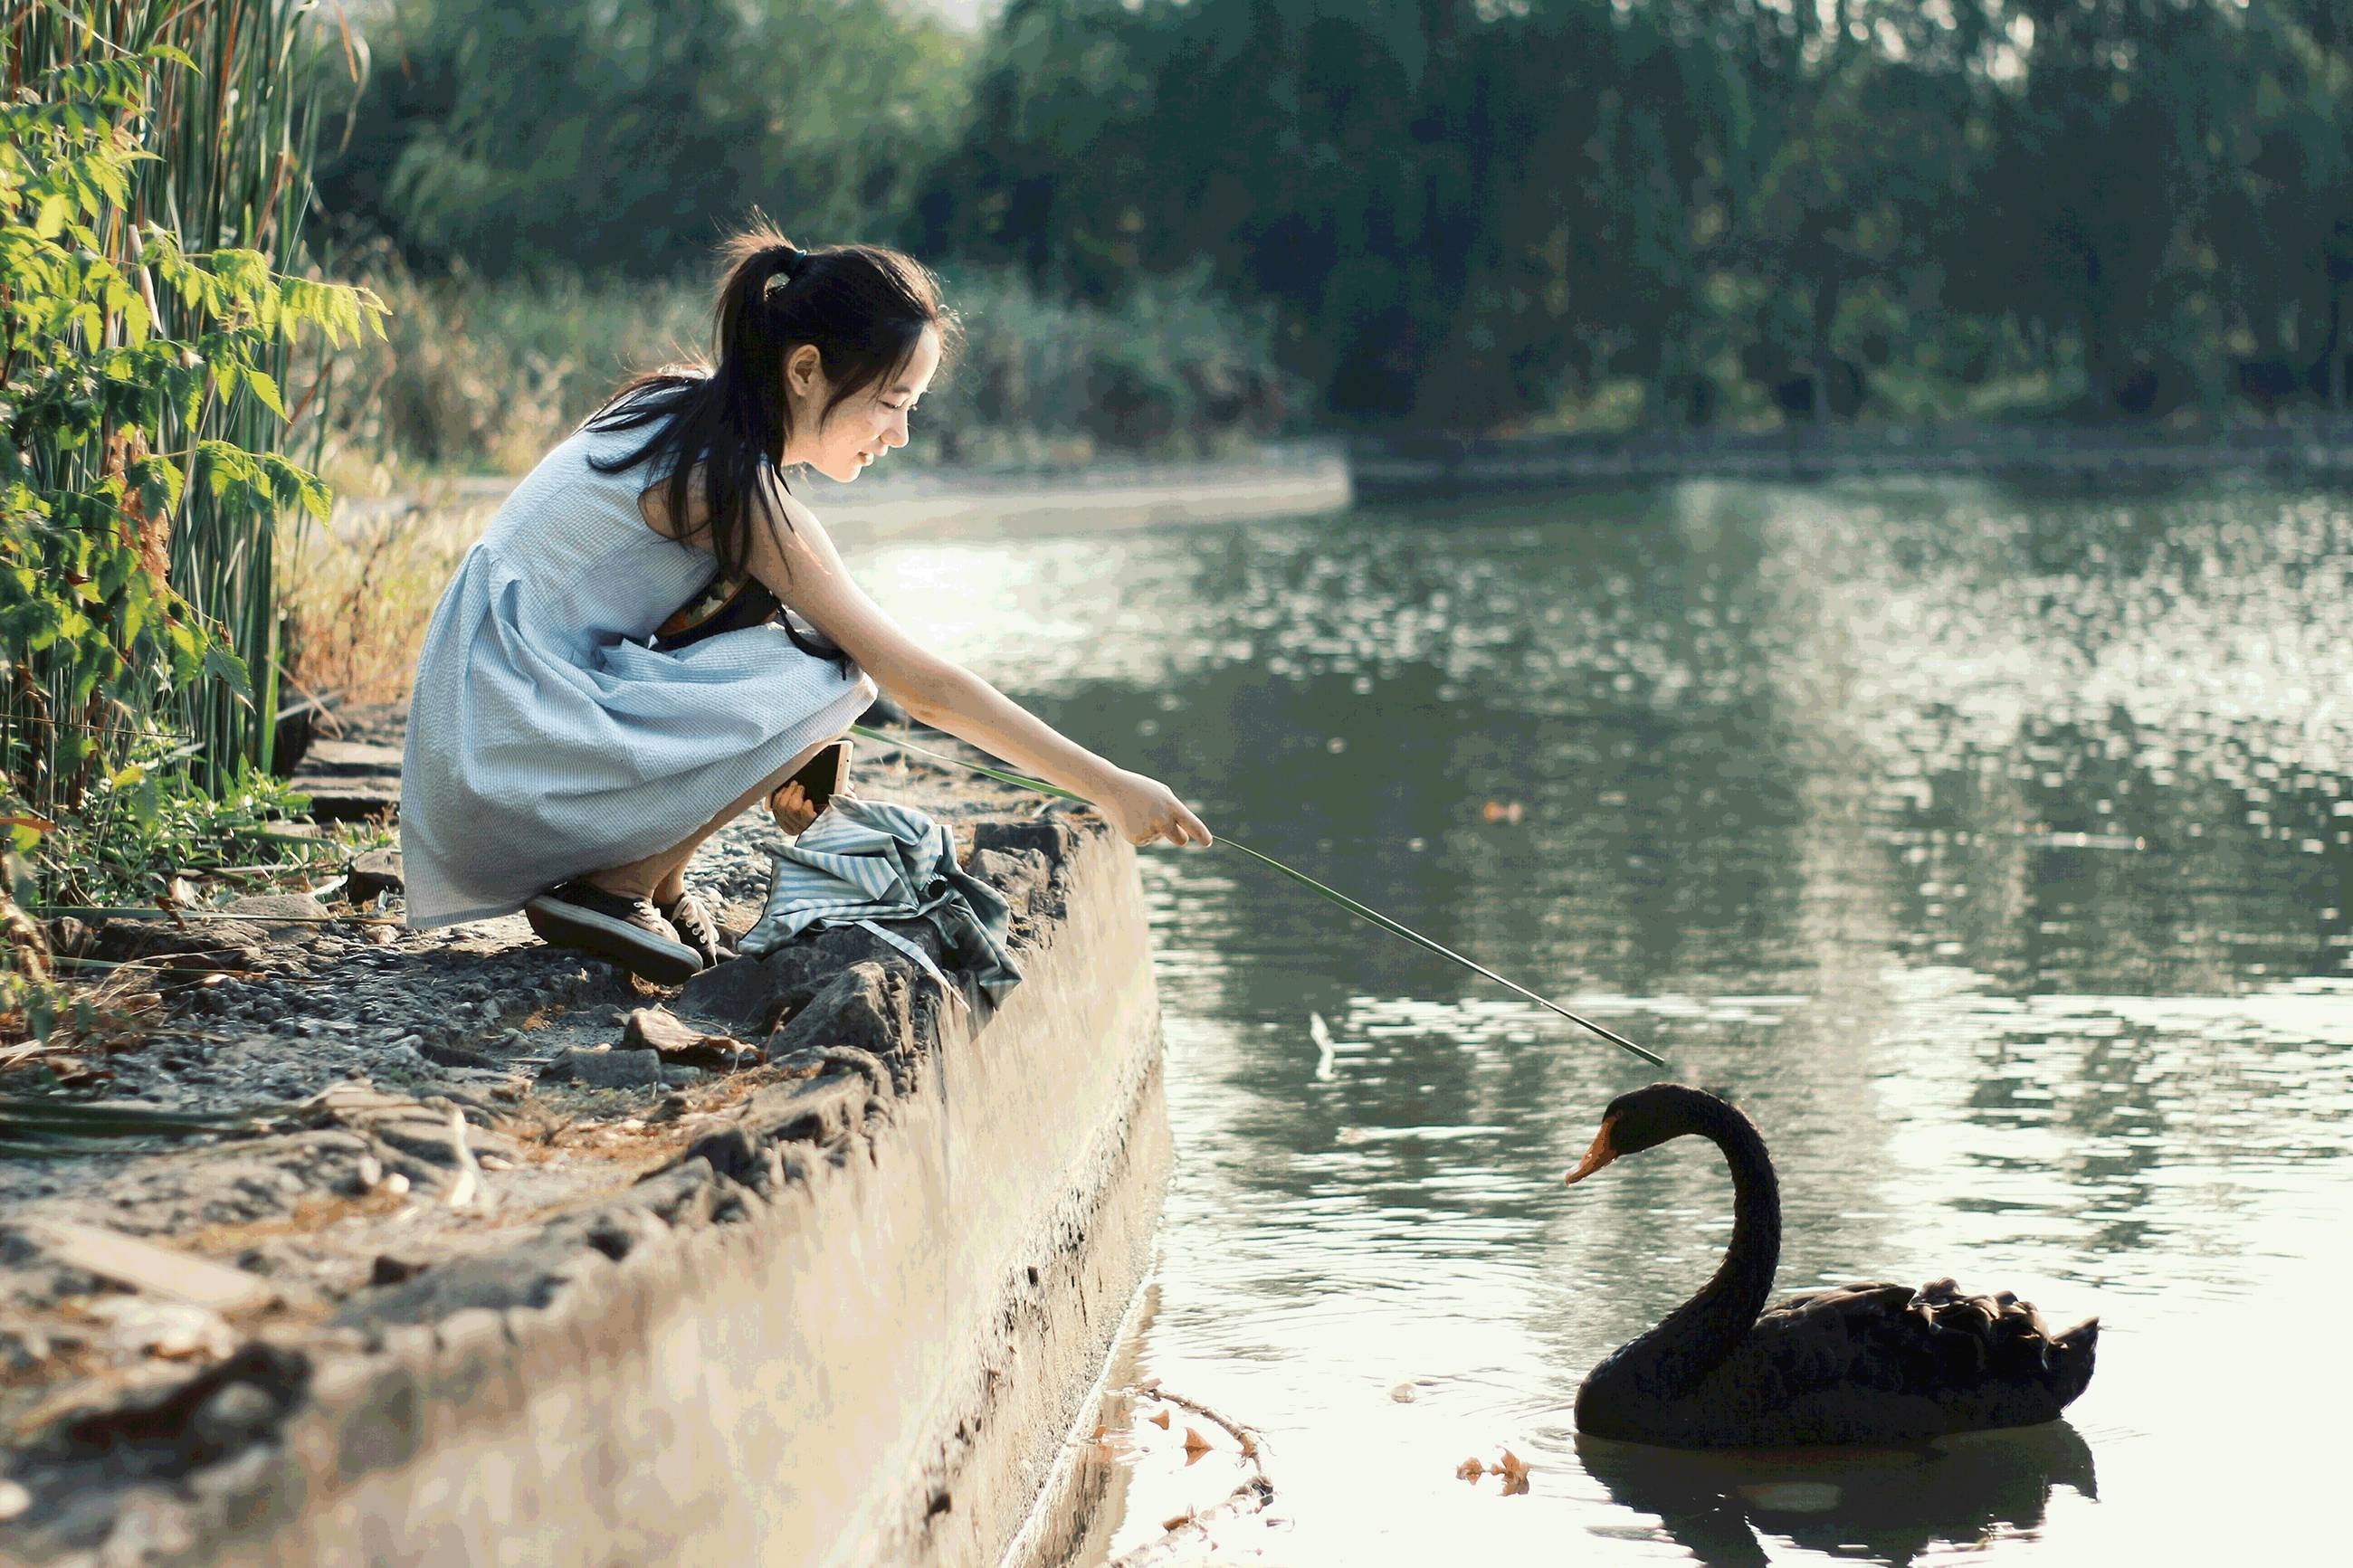 我想念你带我去看黑天鹅的日子